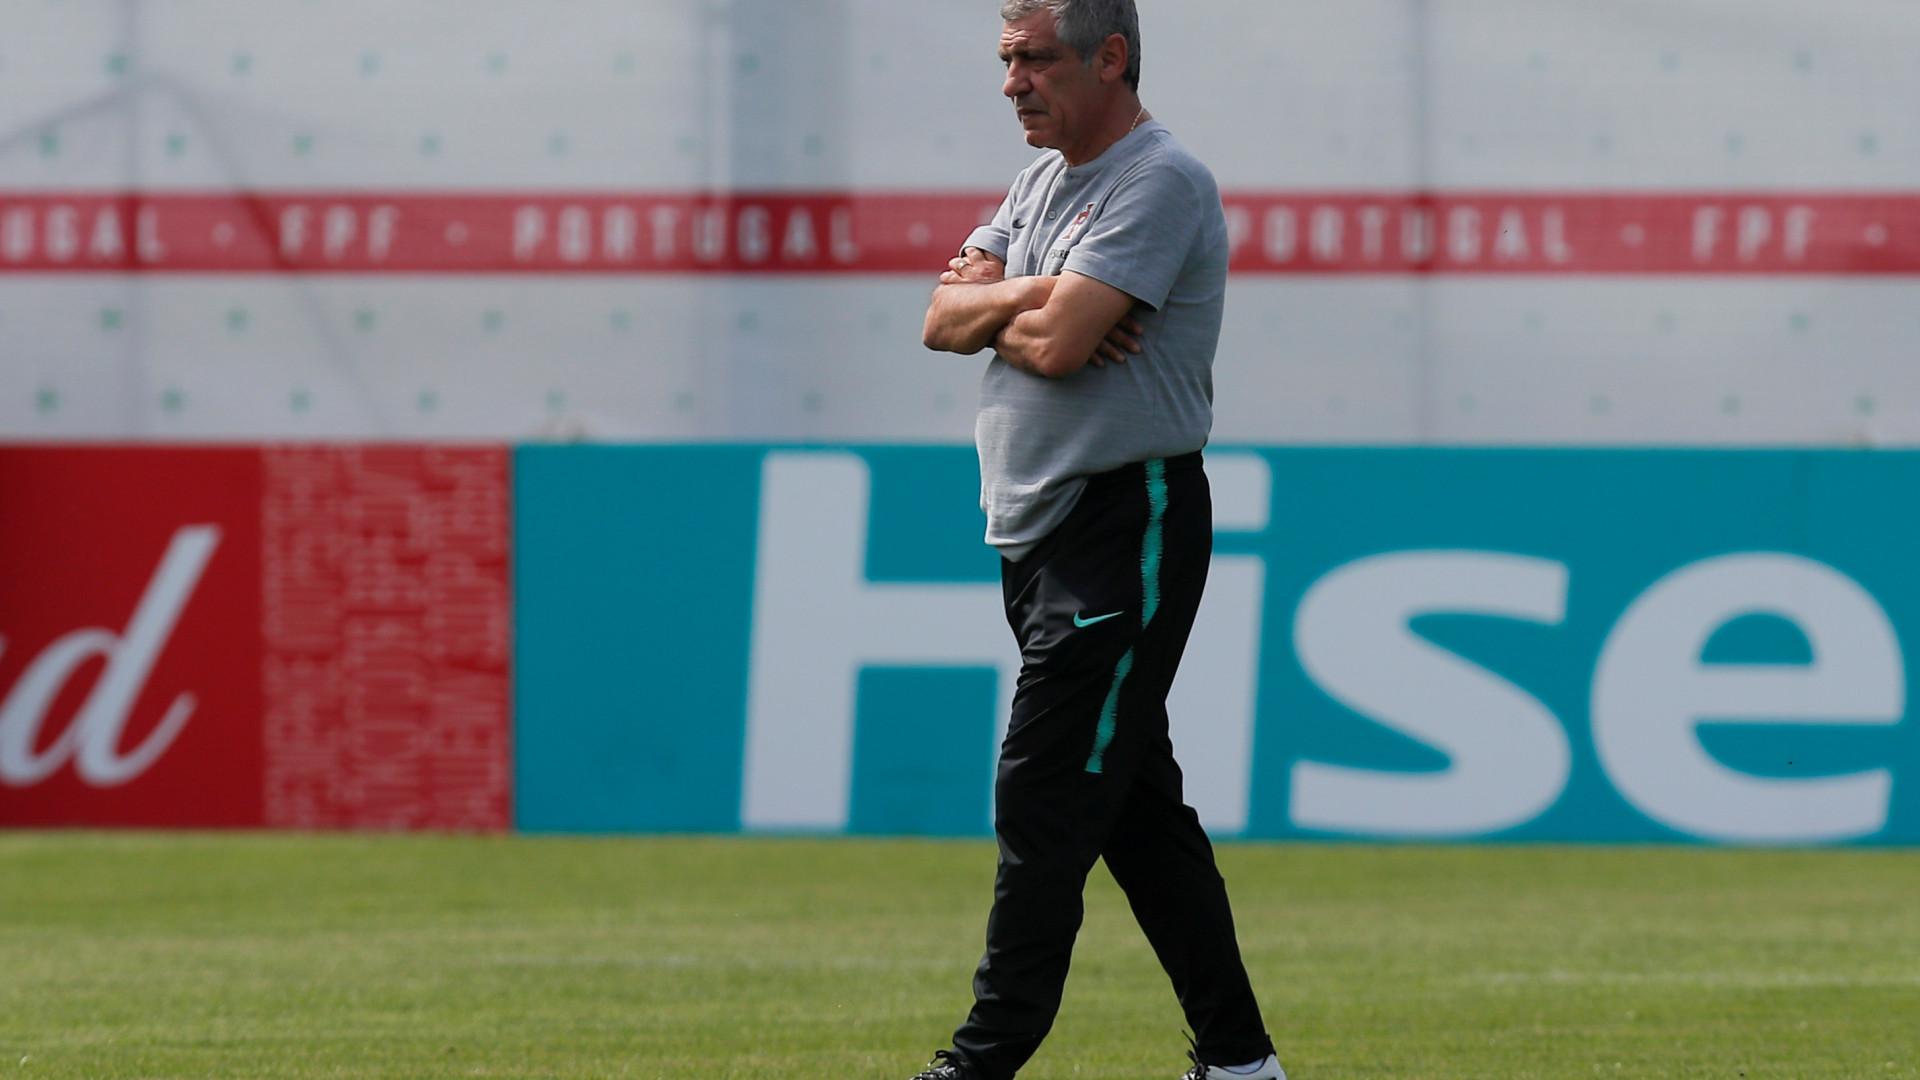 Portugal continua a afinar estratégia para estreia na Liga das Nações aad5d5641aa82